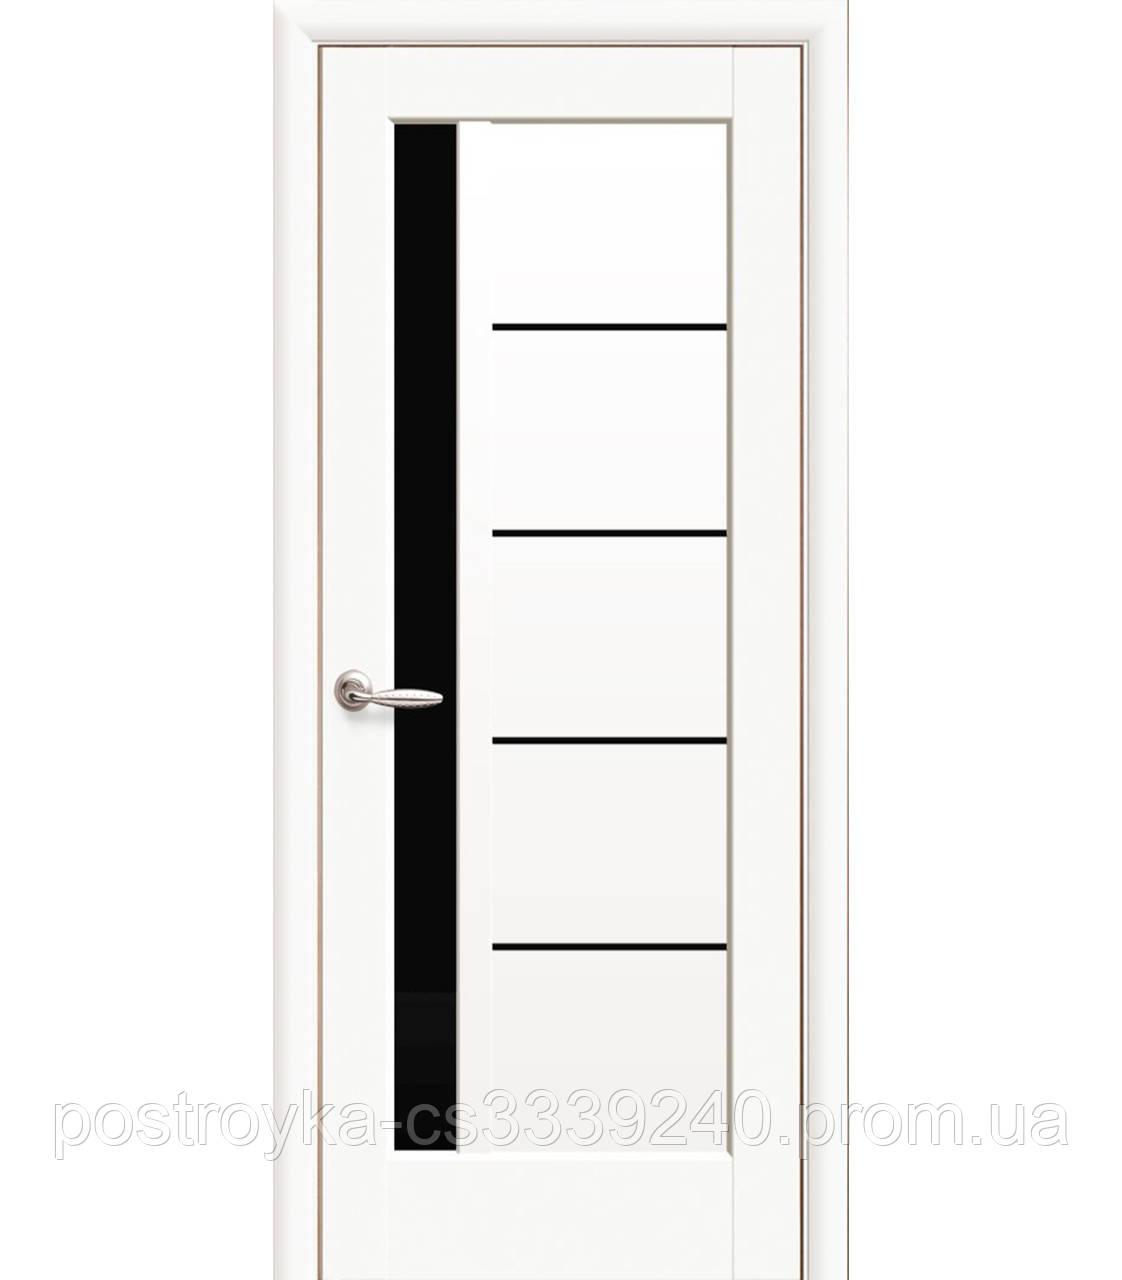 Двери межкомнатные Ностра Грета Новый Стиль ПВХ с черным стеклом 60, 70, 80, 90